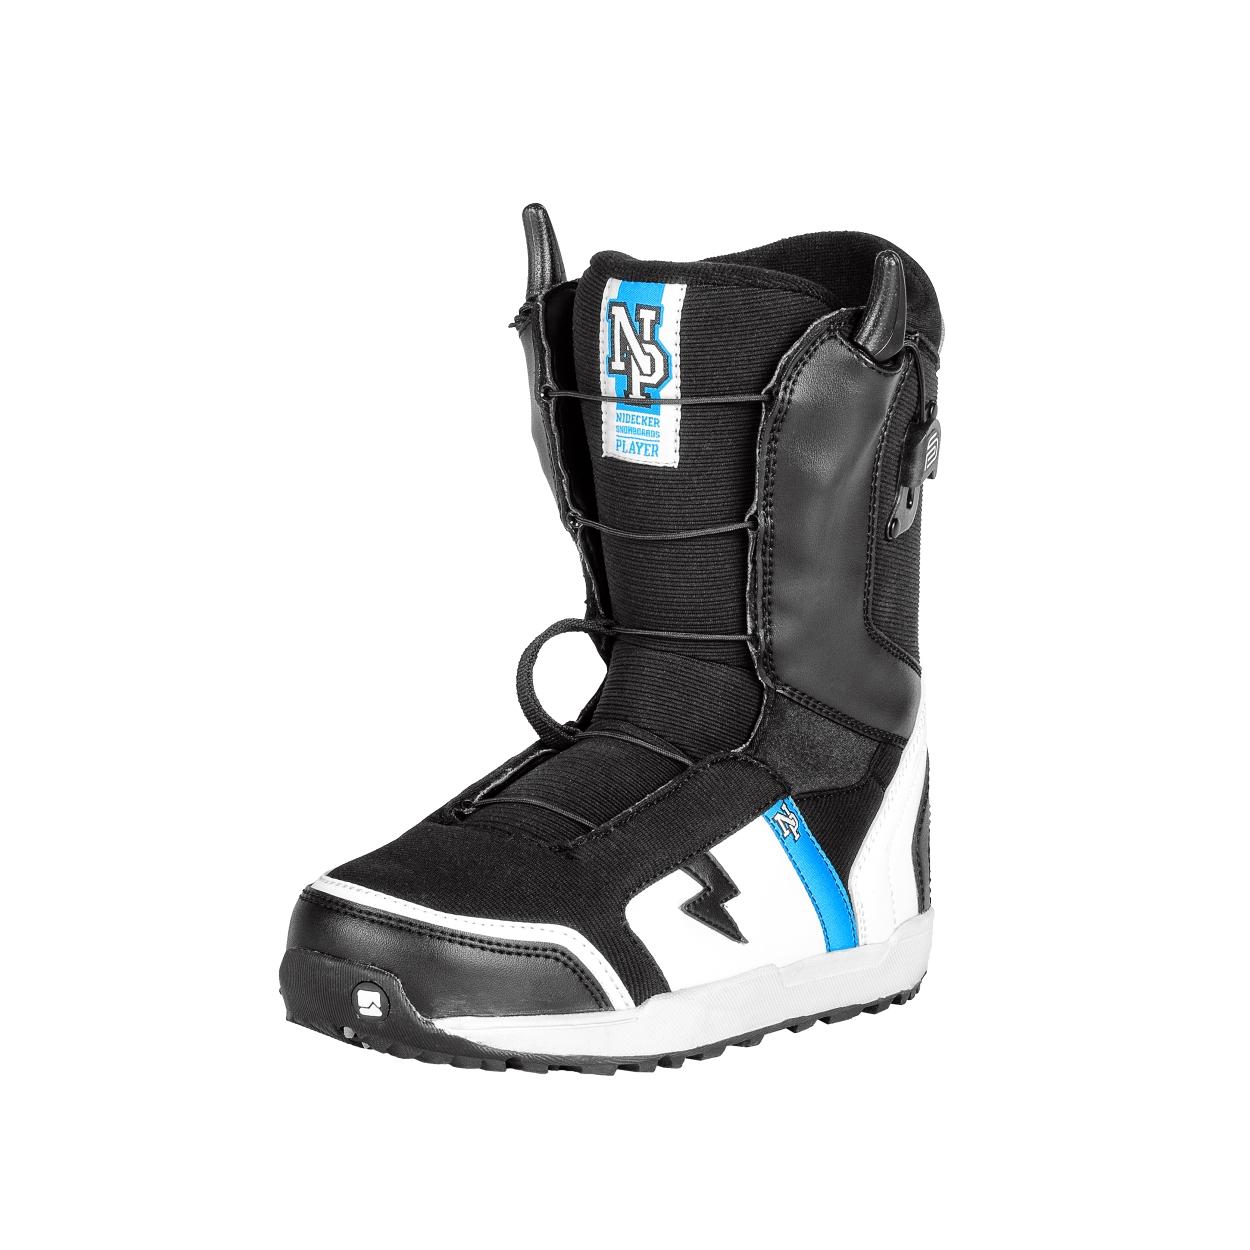 Ботинки для сноуборда NIDECKER 2016-17 YOUTH PLAYER